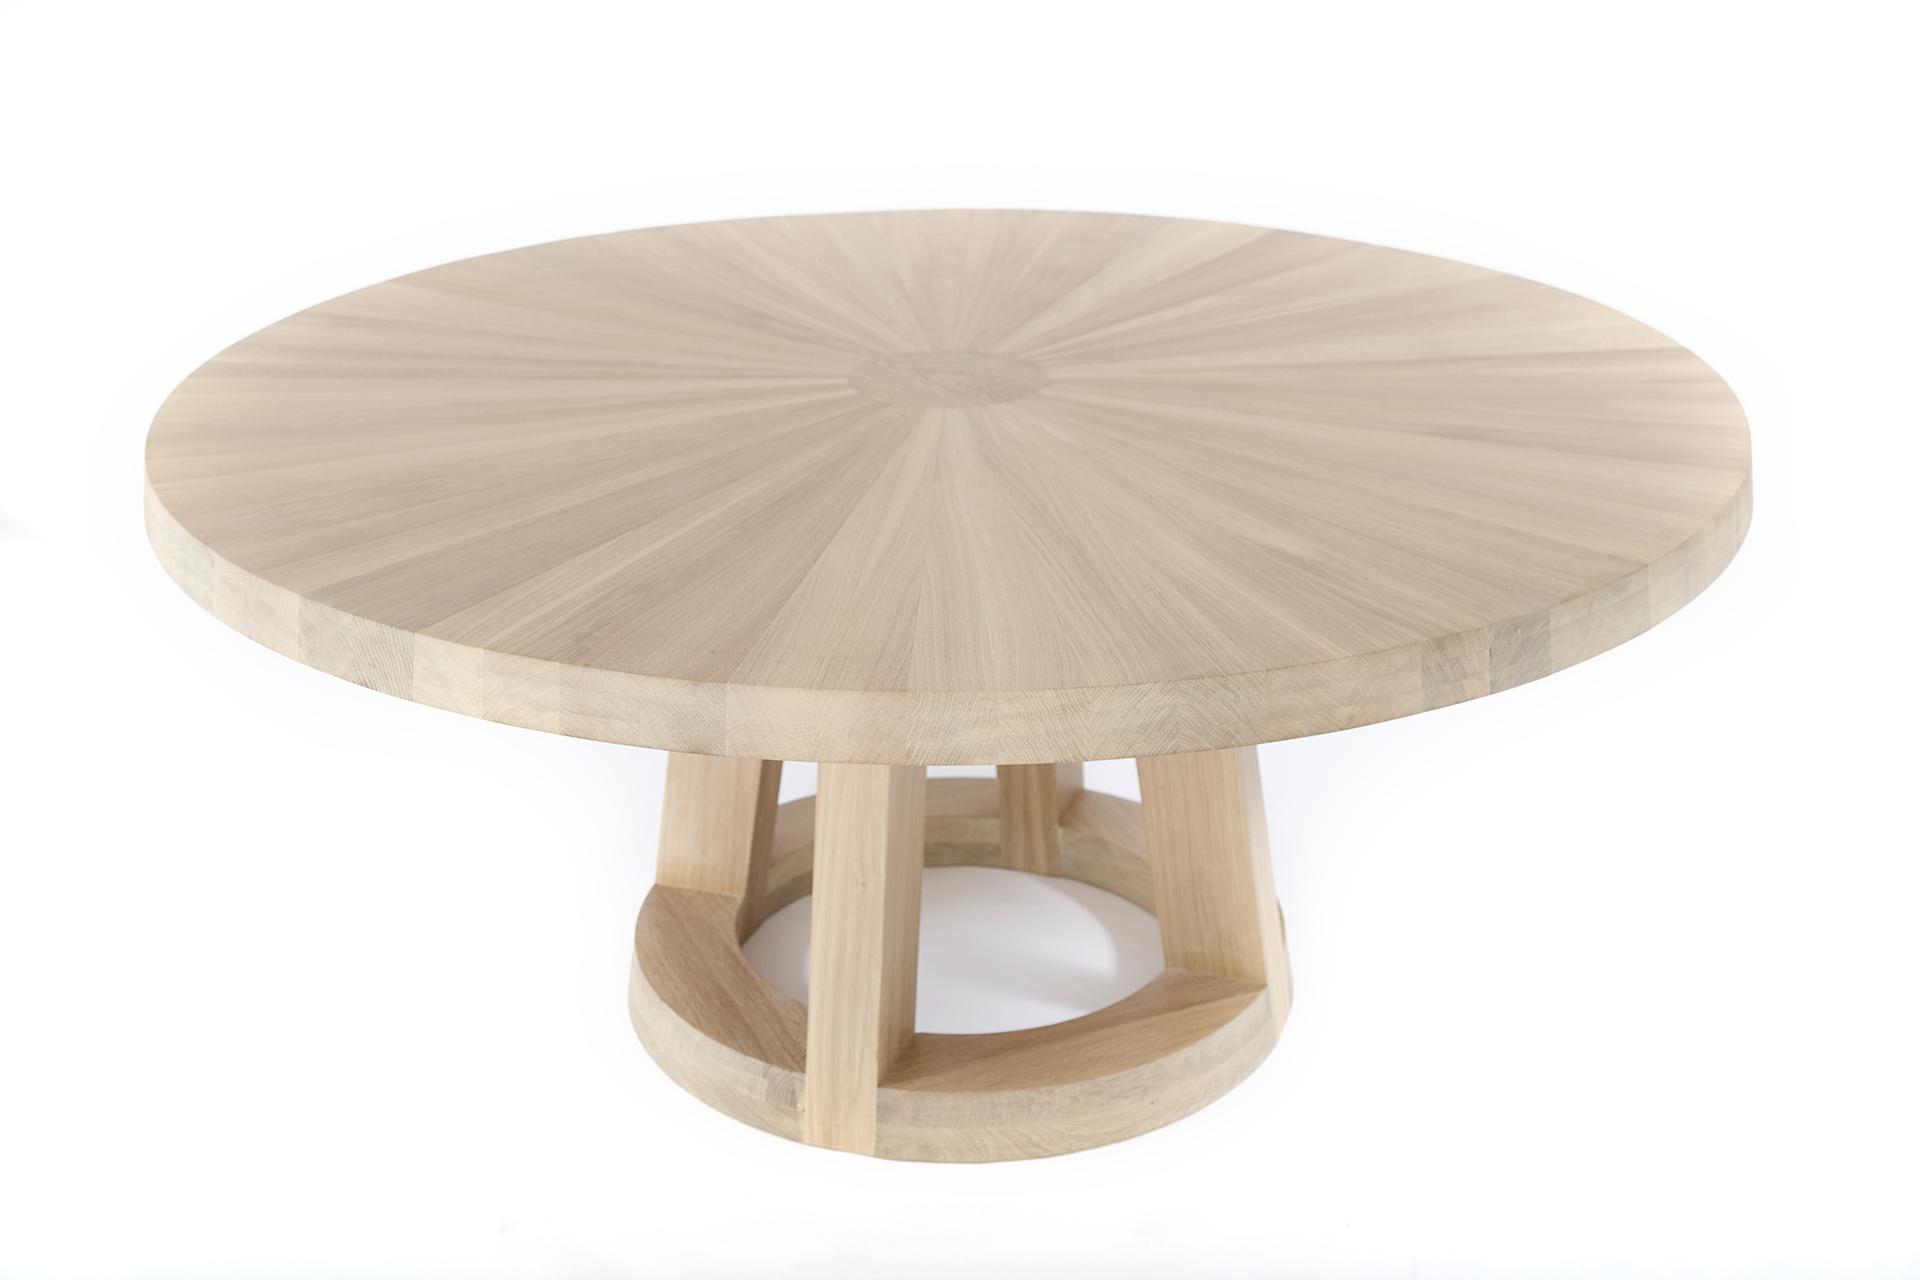 Grote ronde eettafels   Tafels in rond en groot formaat   Odesi